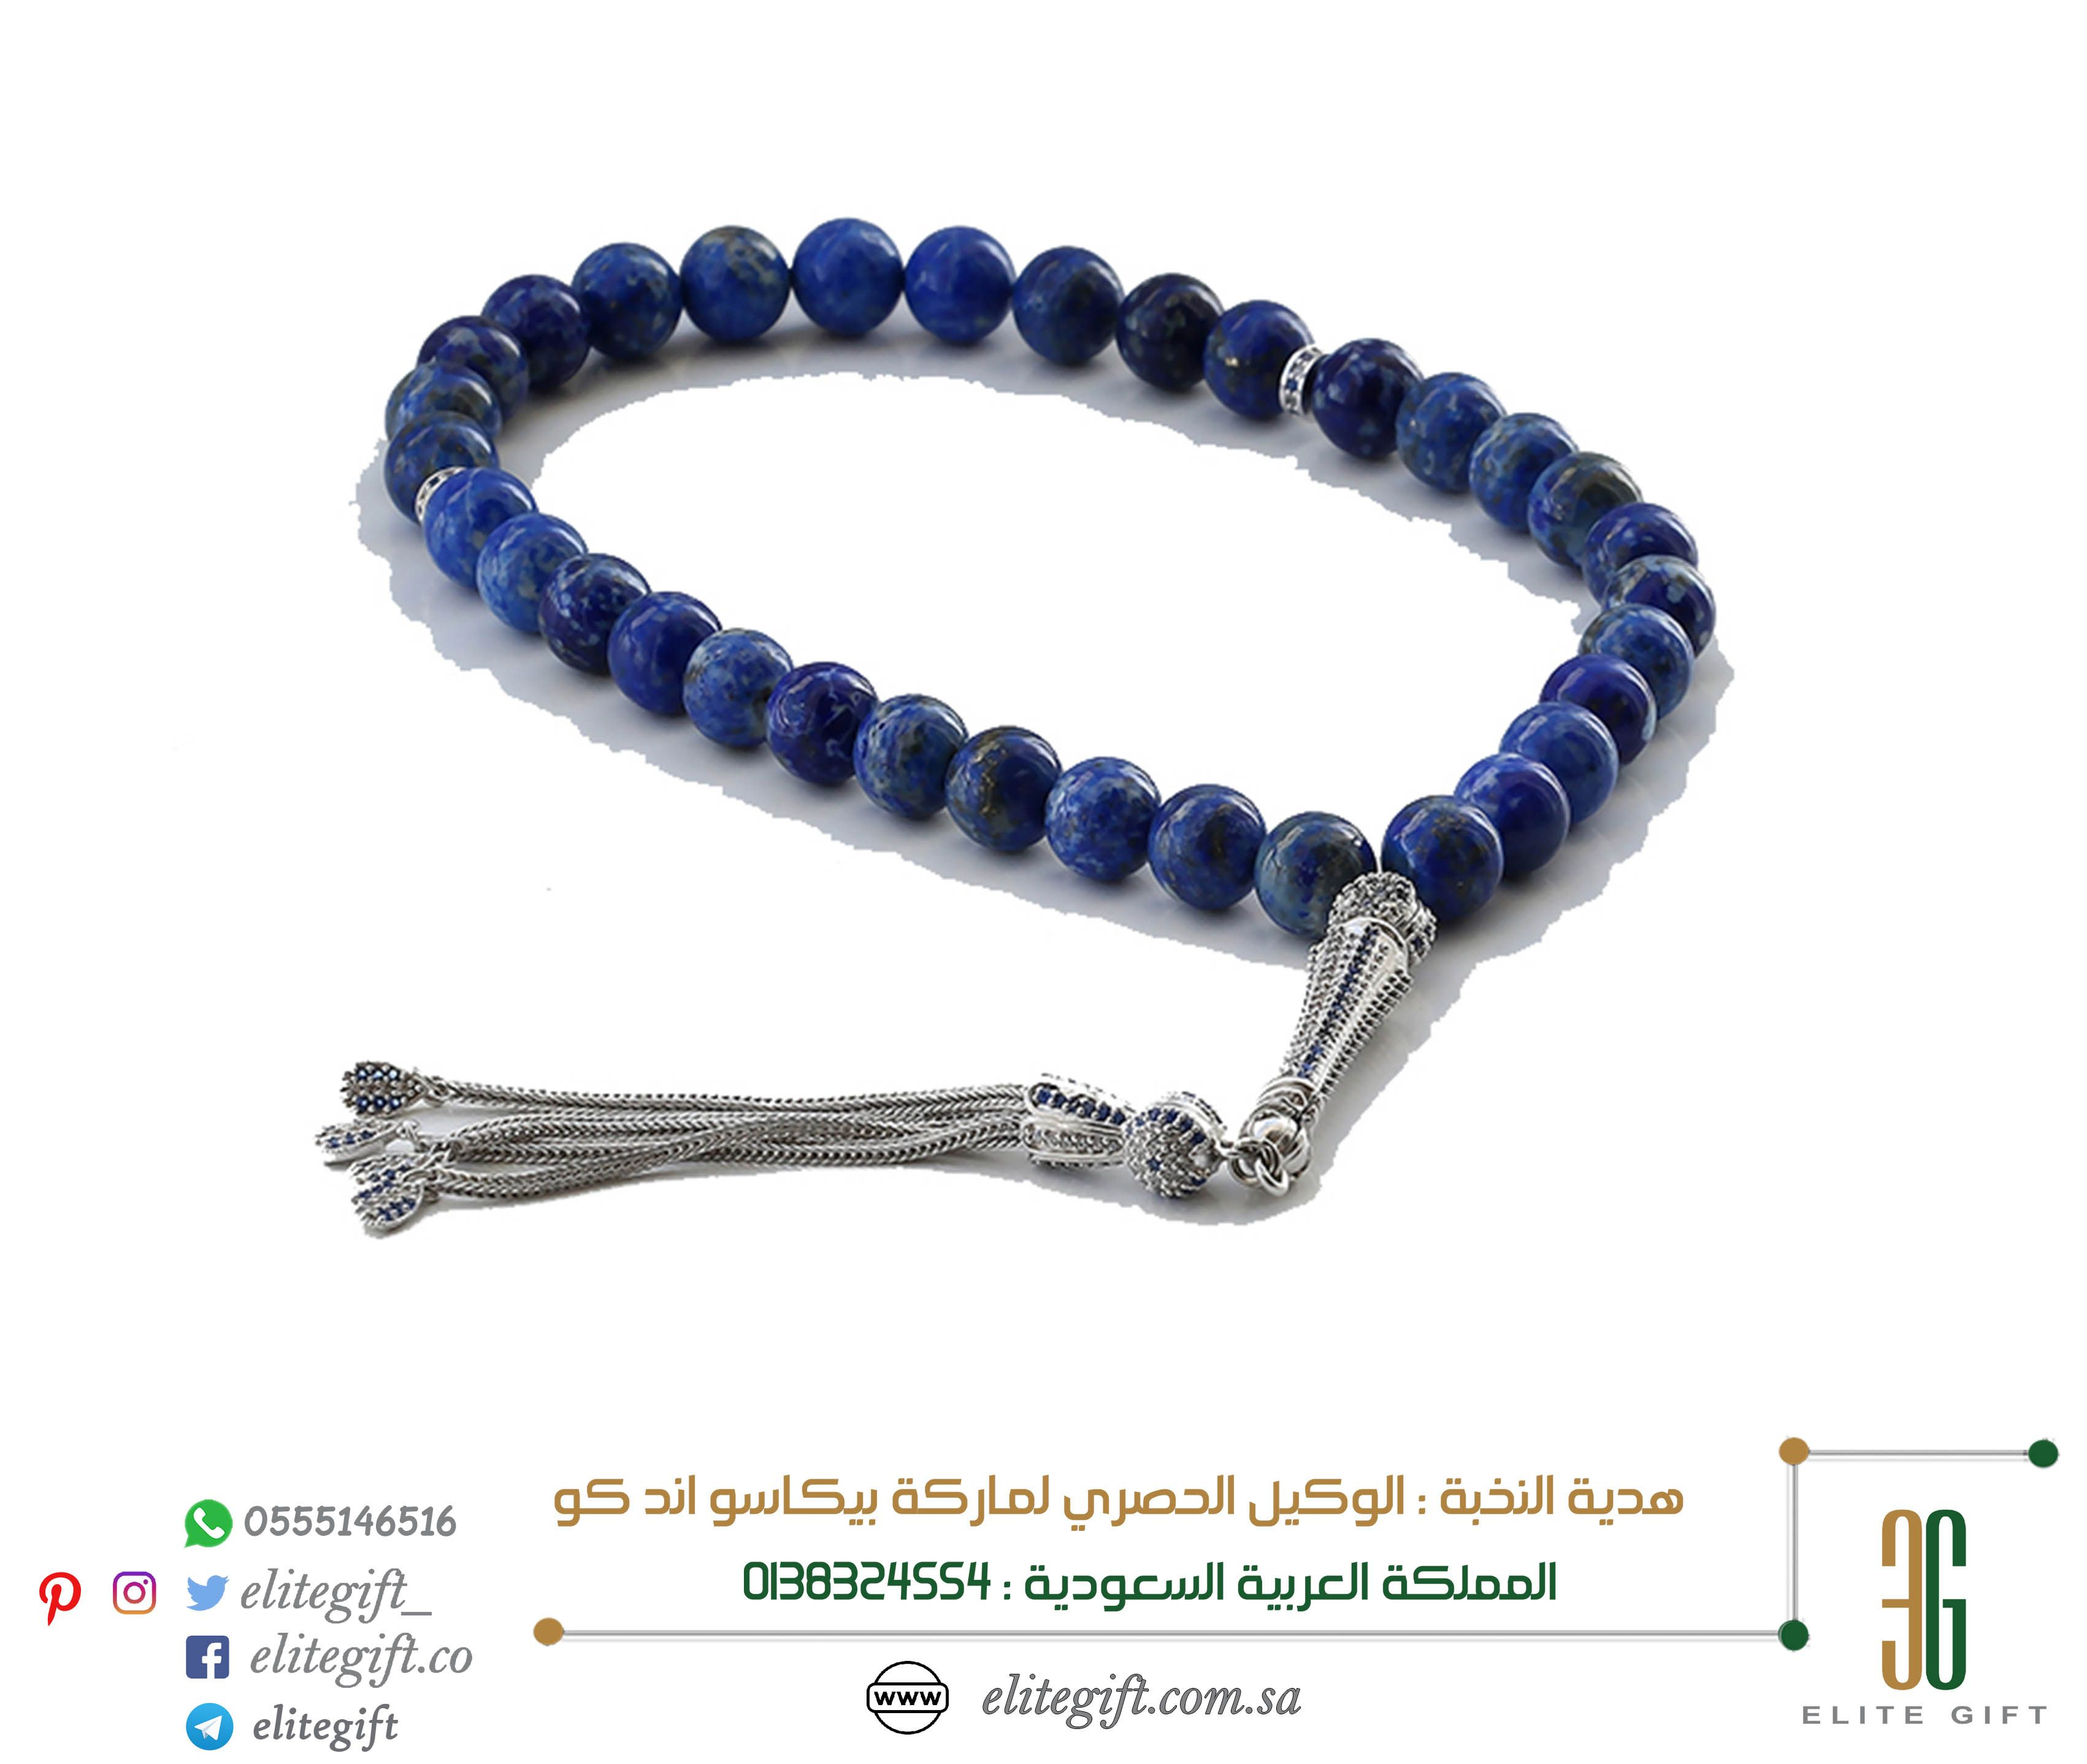 سبحة بشرابة فضة عيار 925 المصدر البرازيل نوع الحجر لابيز الازرق اللون أزرق مائل للكحلي نأتي مع علبة فاخرة للطلب داخل الخ Rope Bracelet Jewelry Bracelets